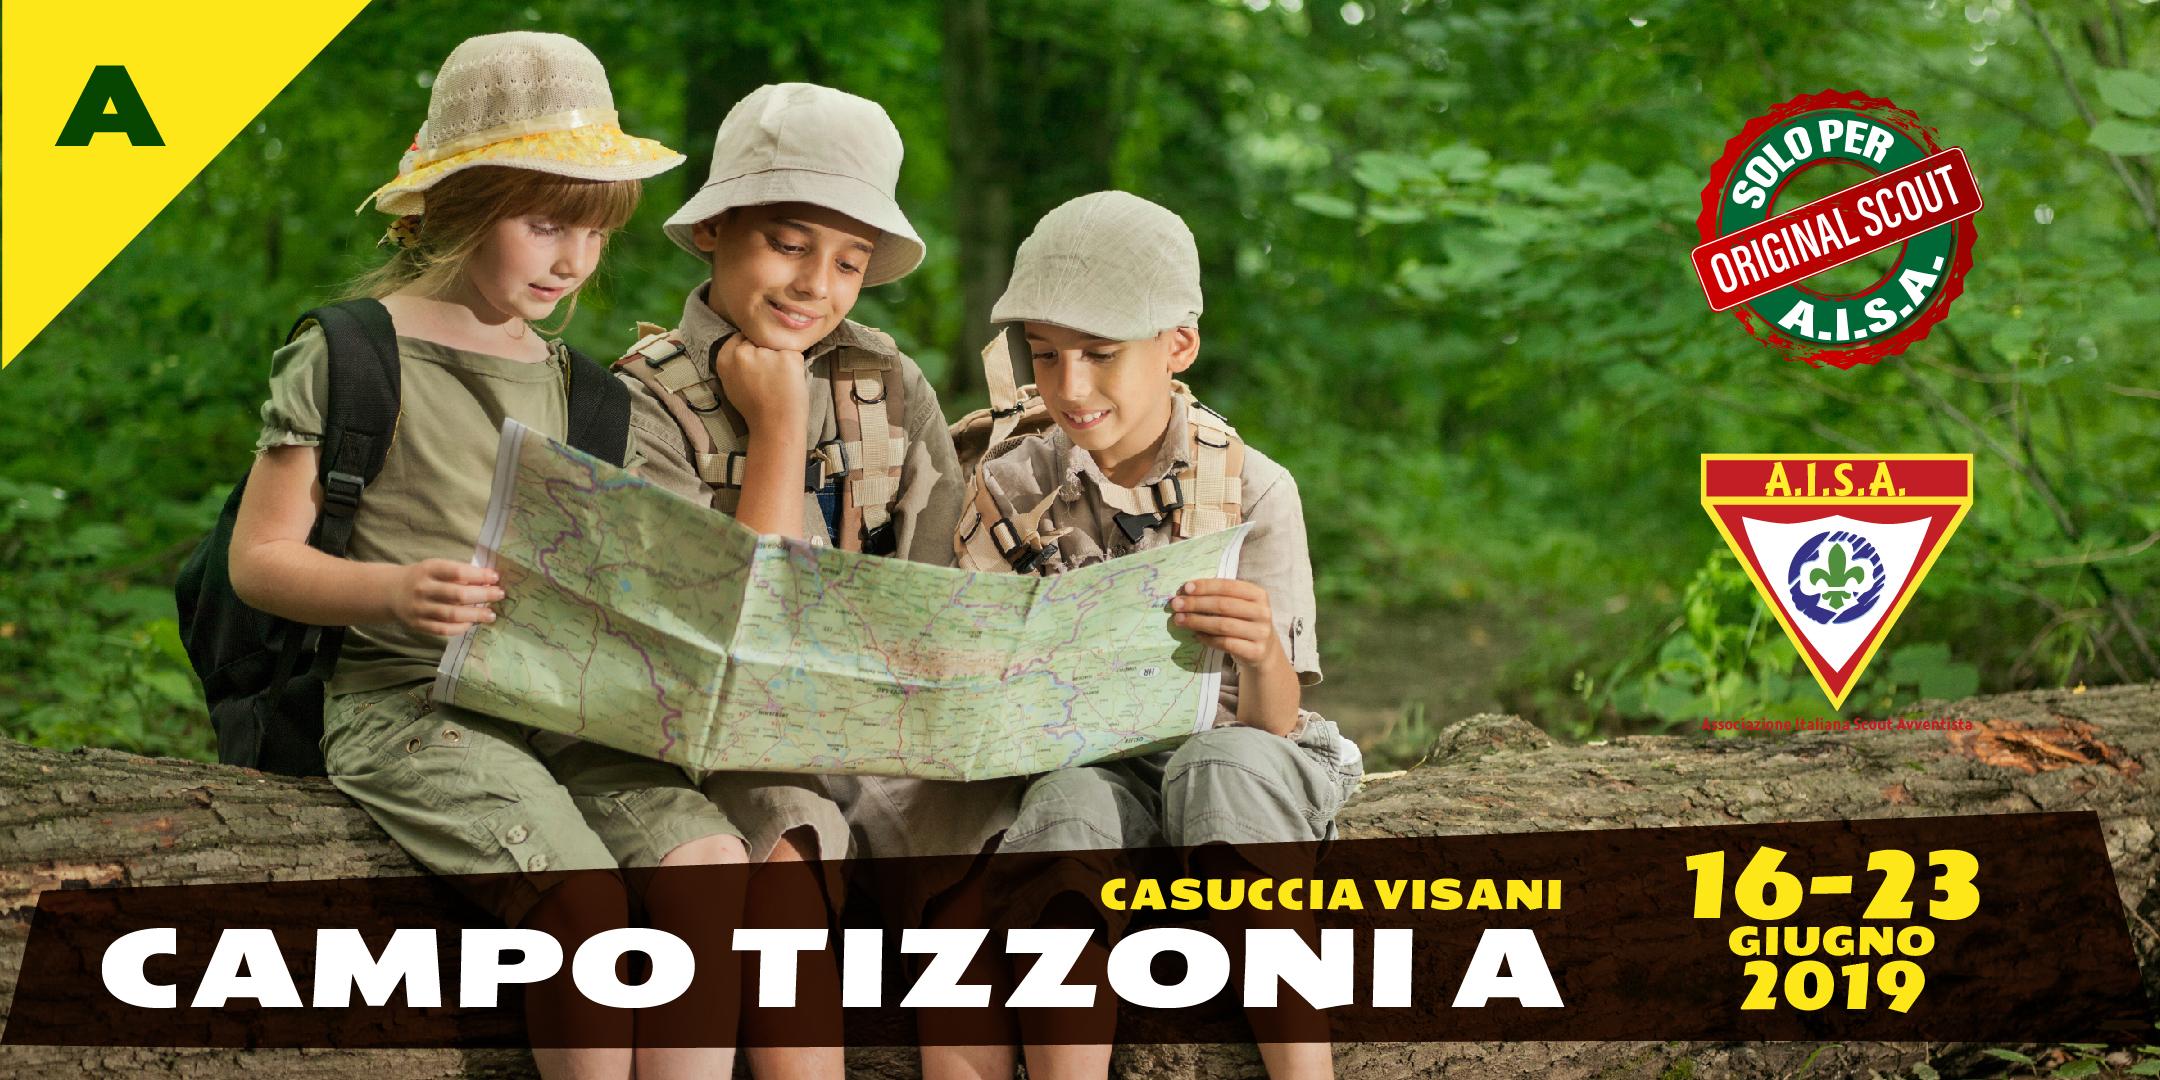 Campo Tizzoni A 2019